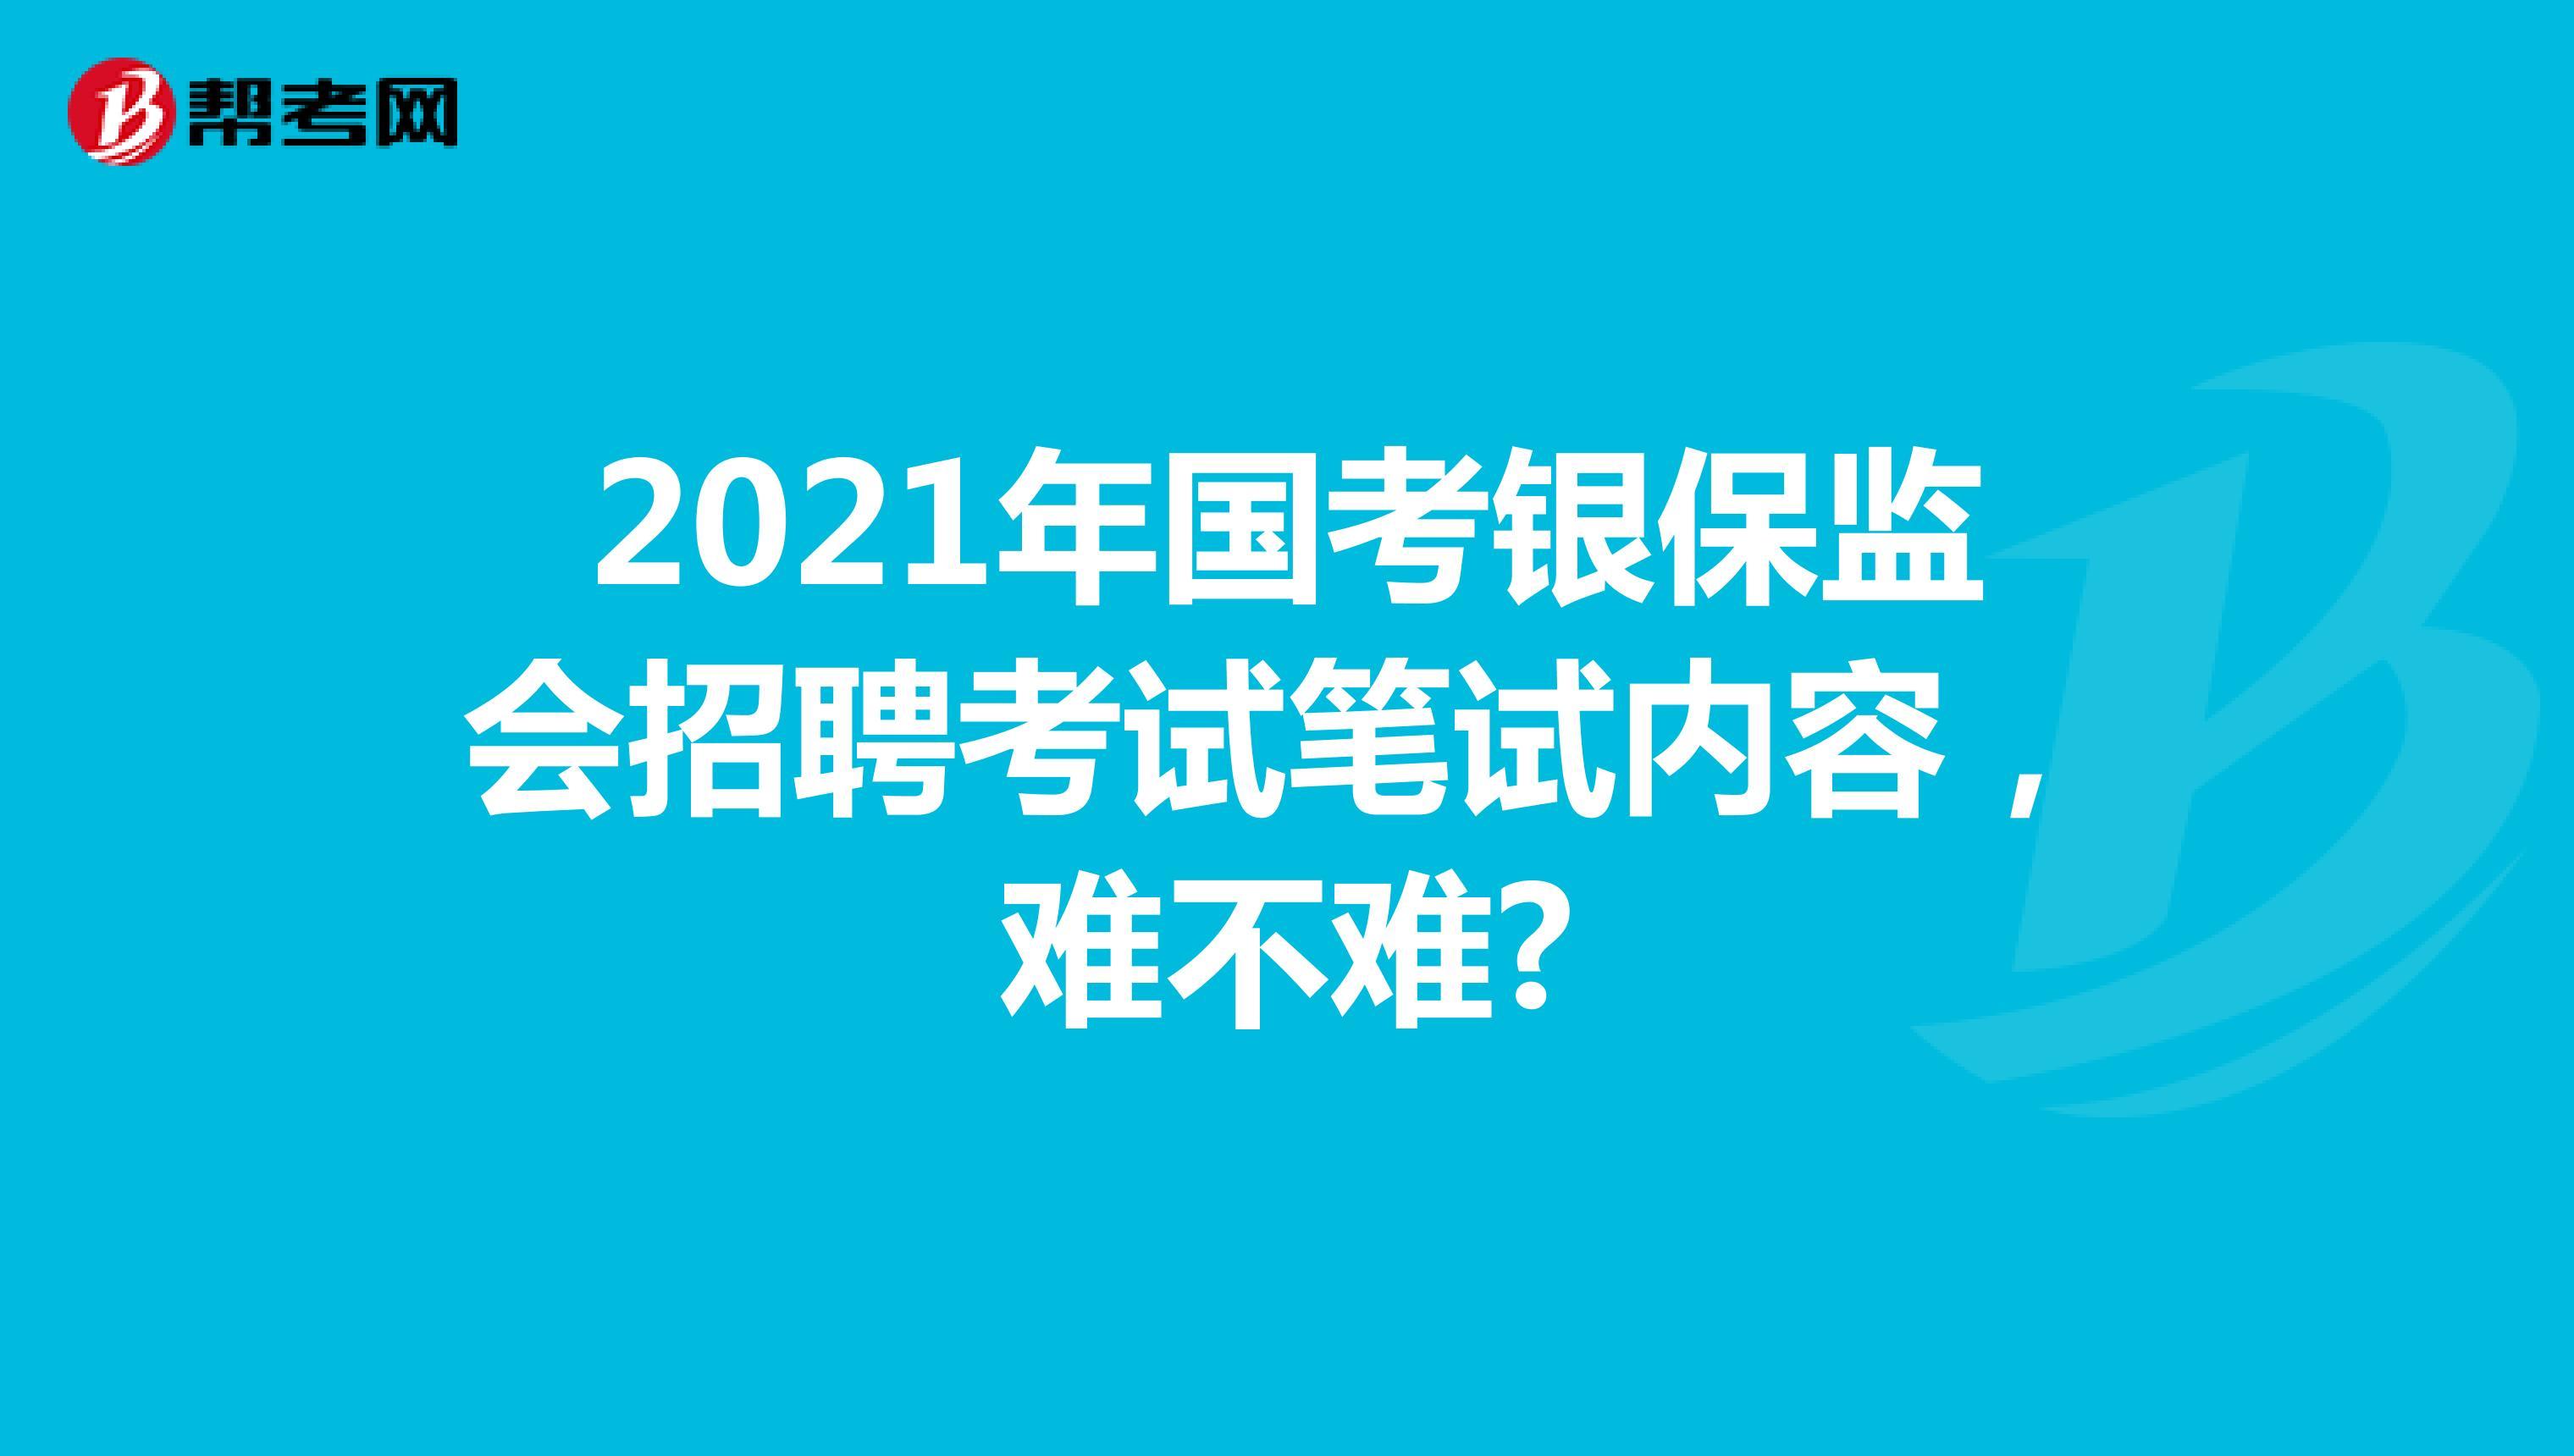 2021年國考銀保監會招聘考試筆試內容,難不難?